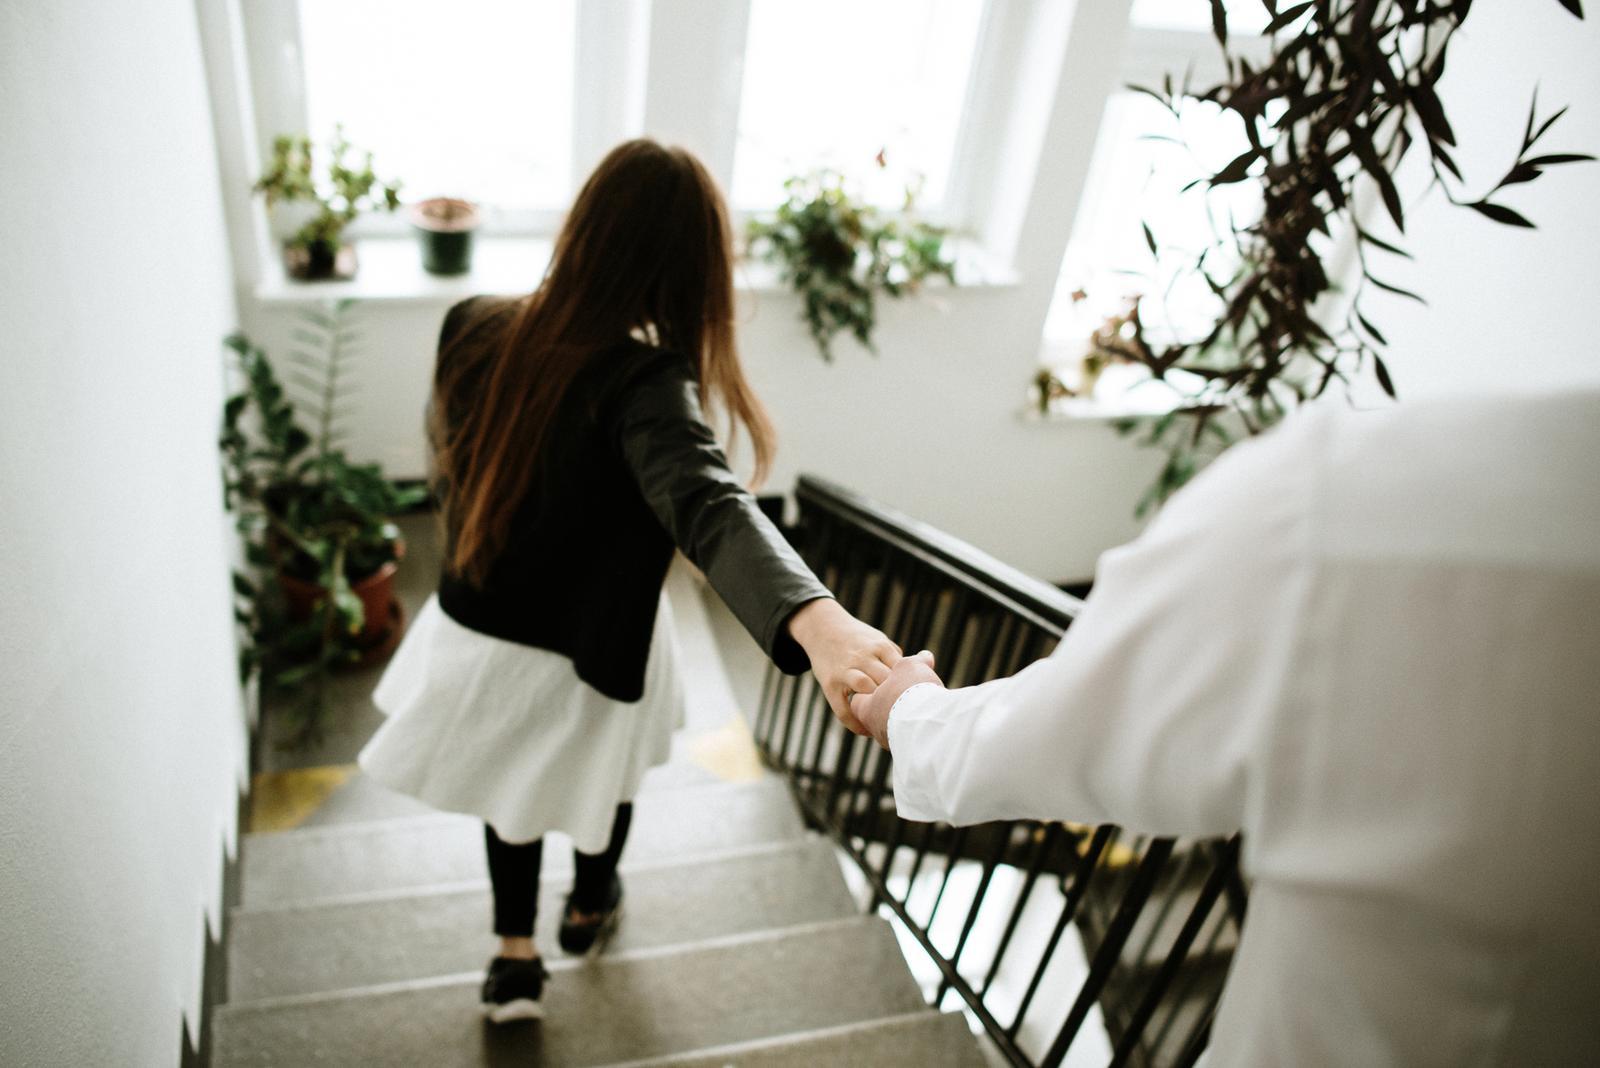 Jak udělat malou svatbu jen o dvou lidech? - Obrázek č. 27